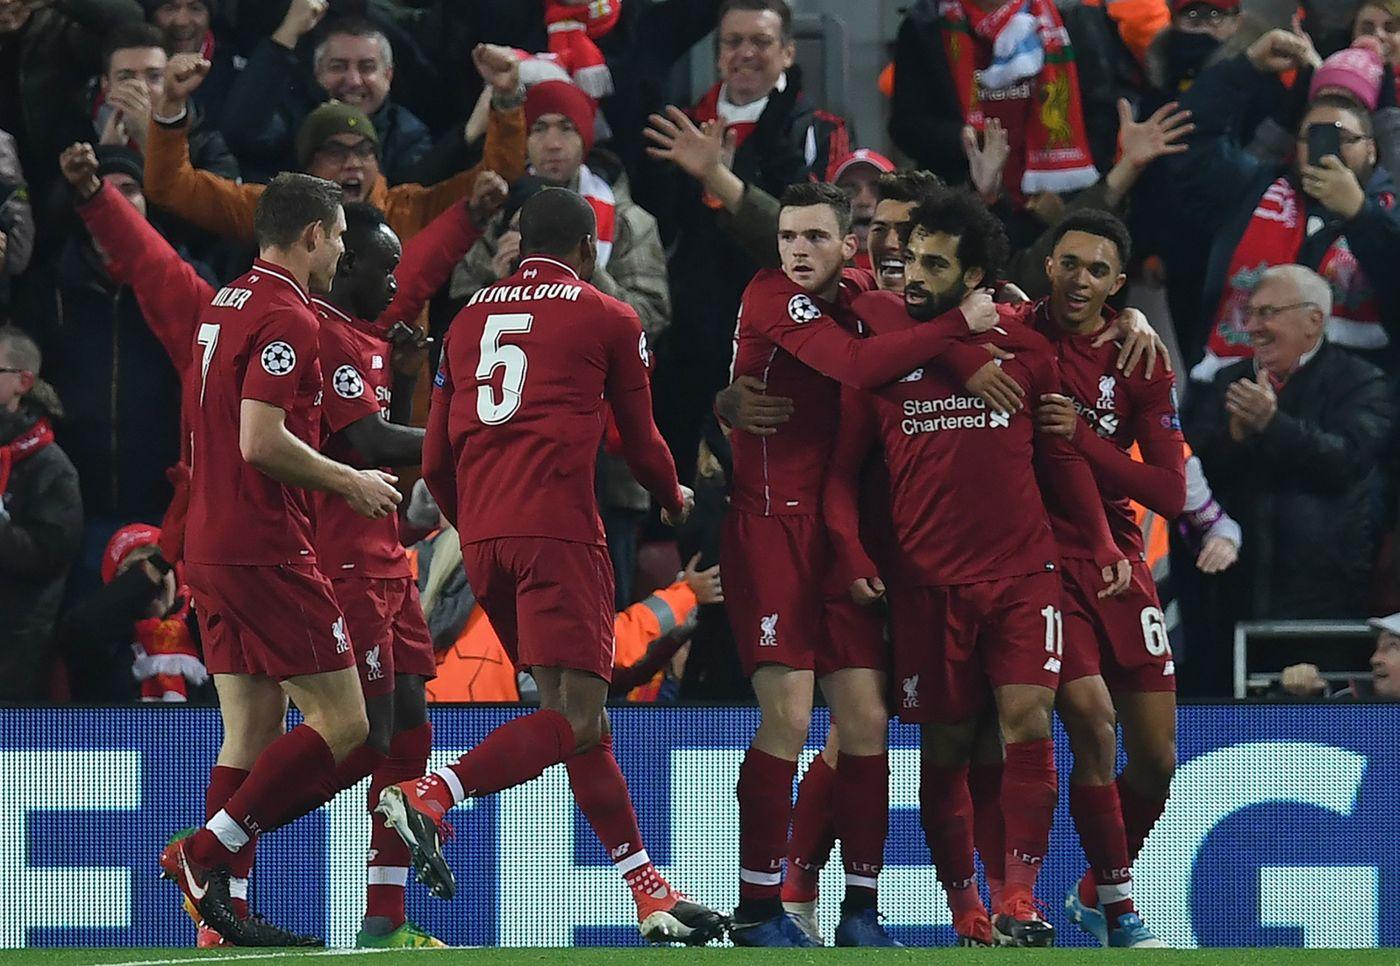 Premier League, Everton-Liverpool domenica 3 marzo: analisi e pronostico della 29ma giornata del campionato inglese